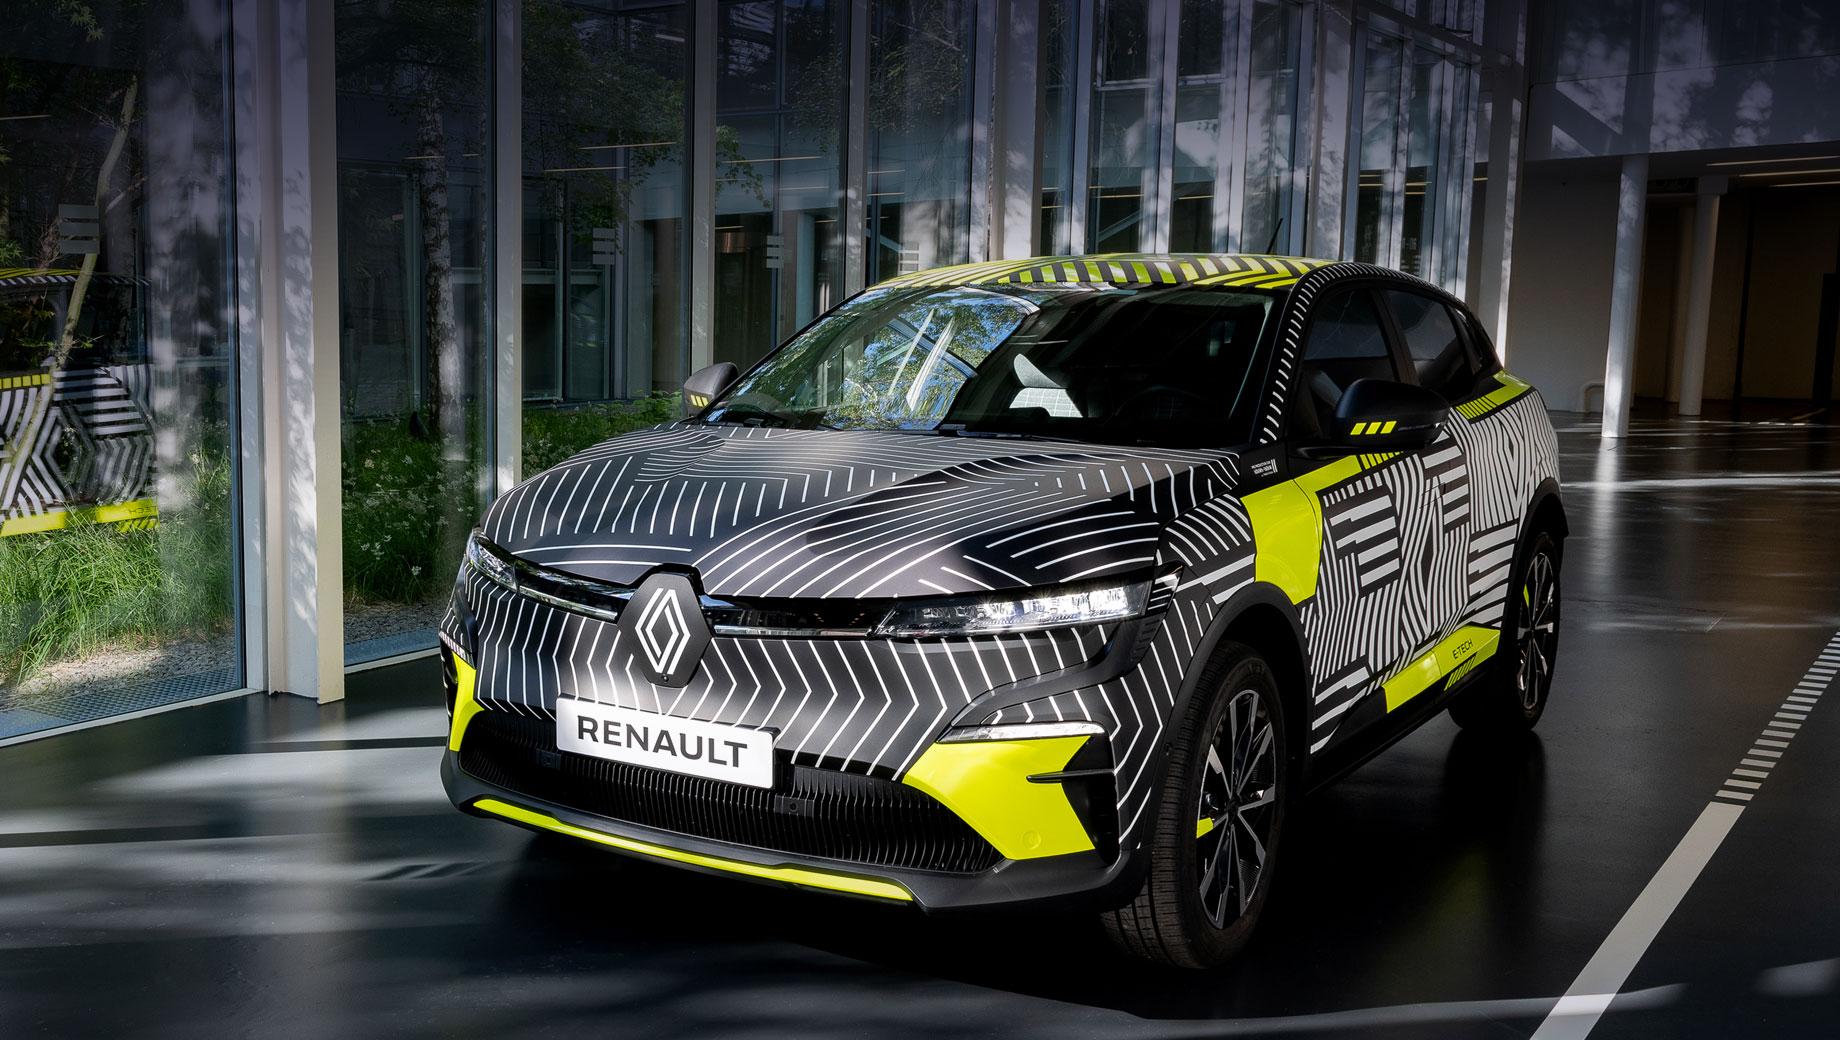 Хэтчбек Renault Megane E-Tech Electric сыграет премьеру осенью